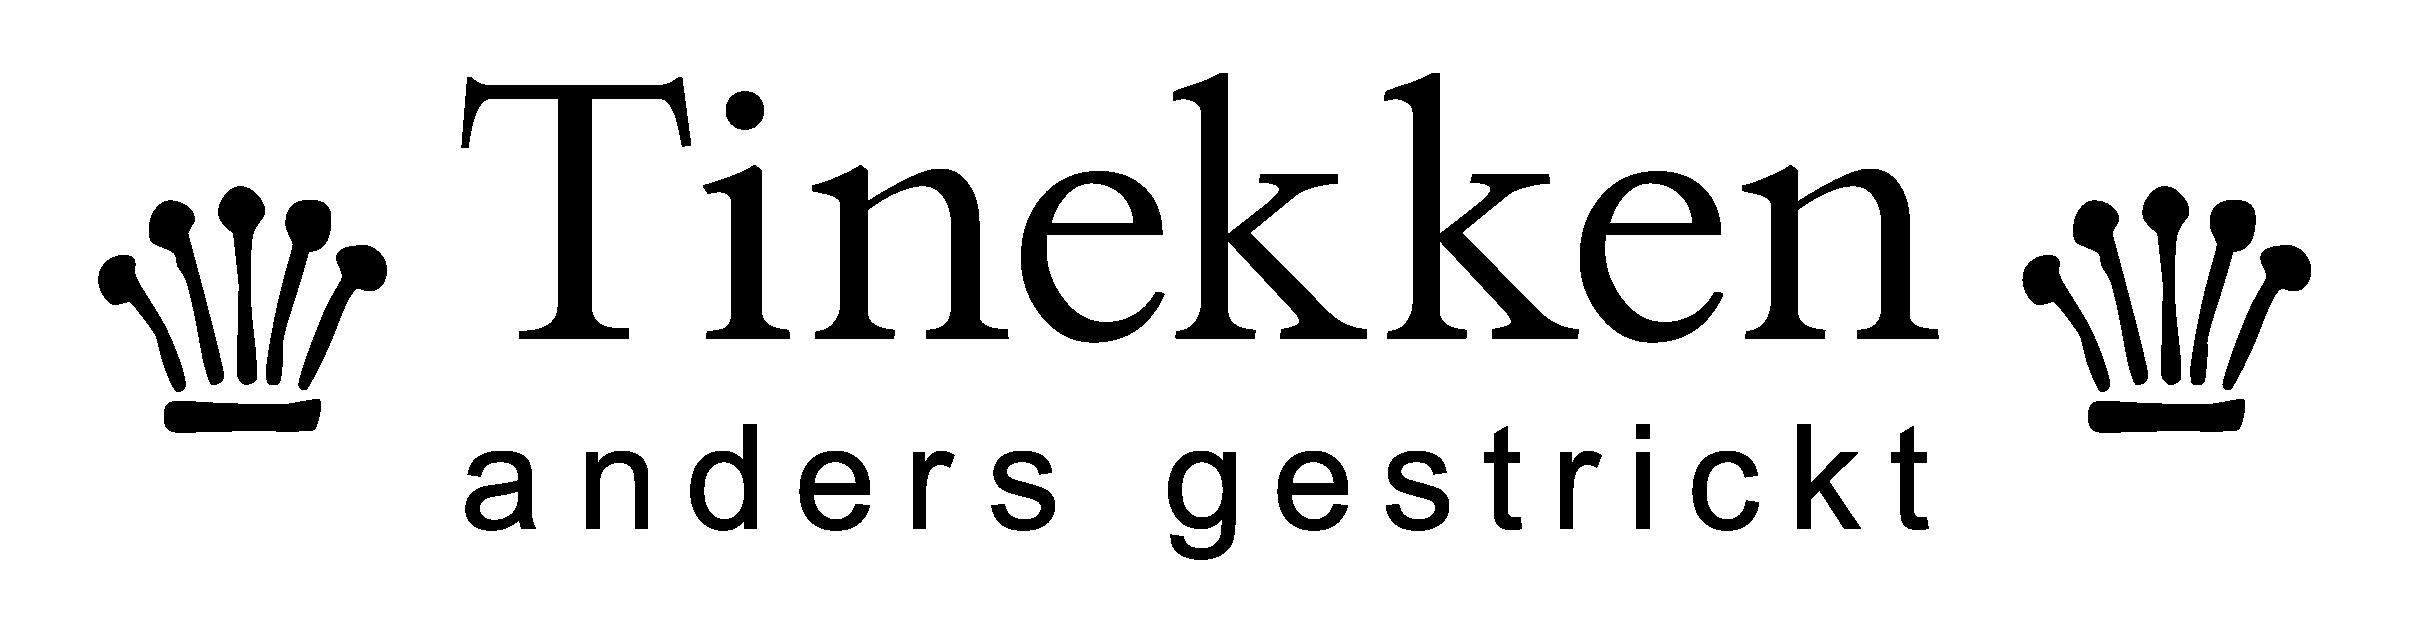 Tinekken - anders gestrickt